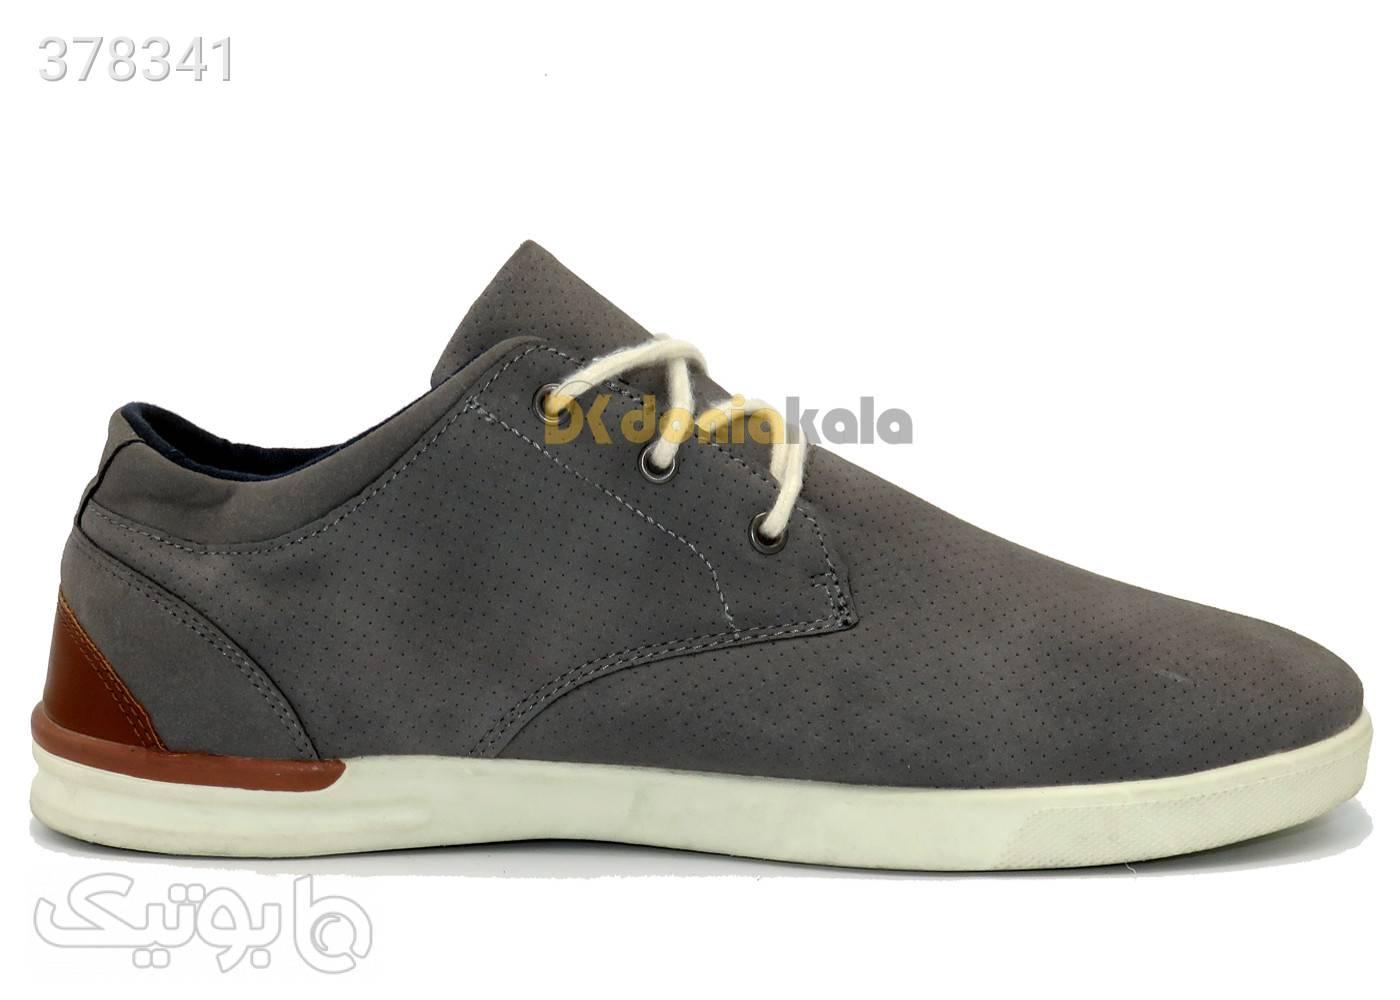 کفش  مجلسی مردانه لیورجی Livergy IAN296923B طوسی كفش مردانه